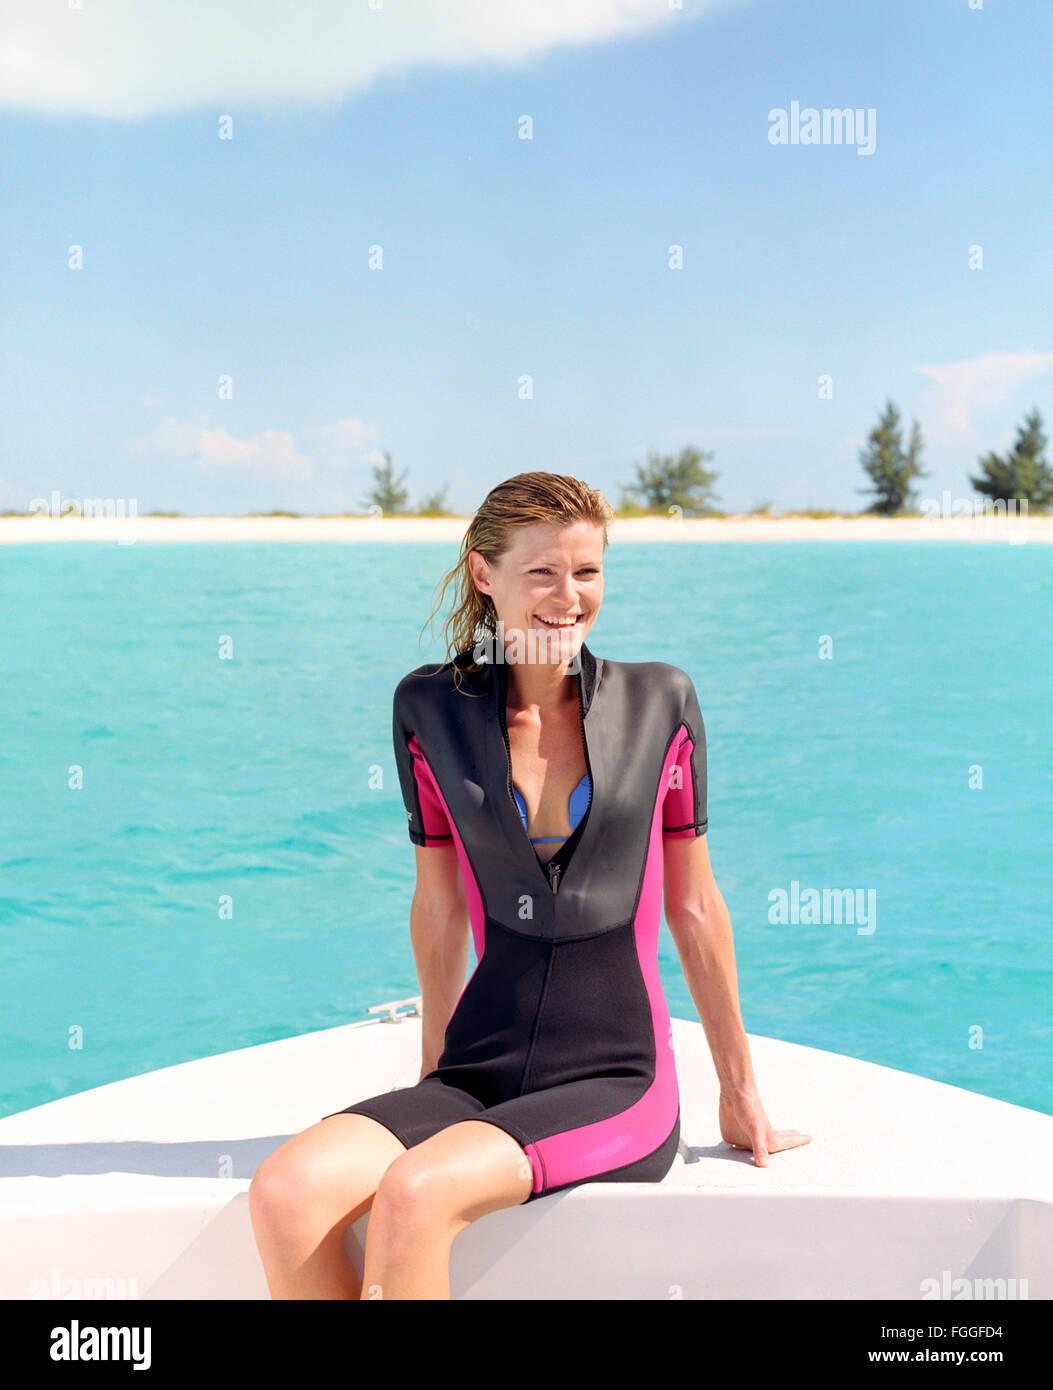 Une jeune femme sites sur un bateau avant la plongée.Providenciales, Îles Turques et Caïques. Dans Photo Stock